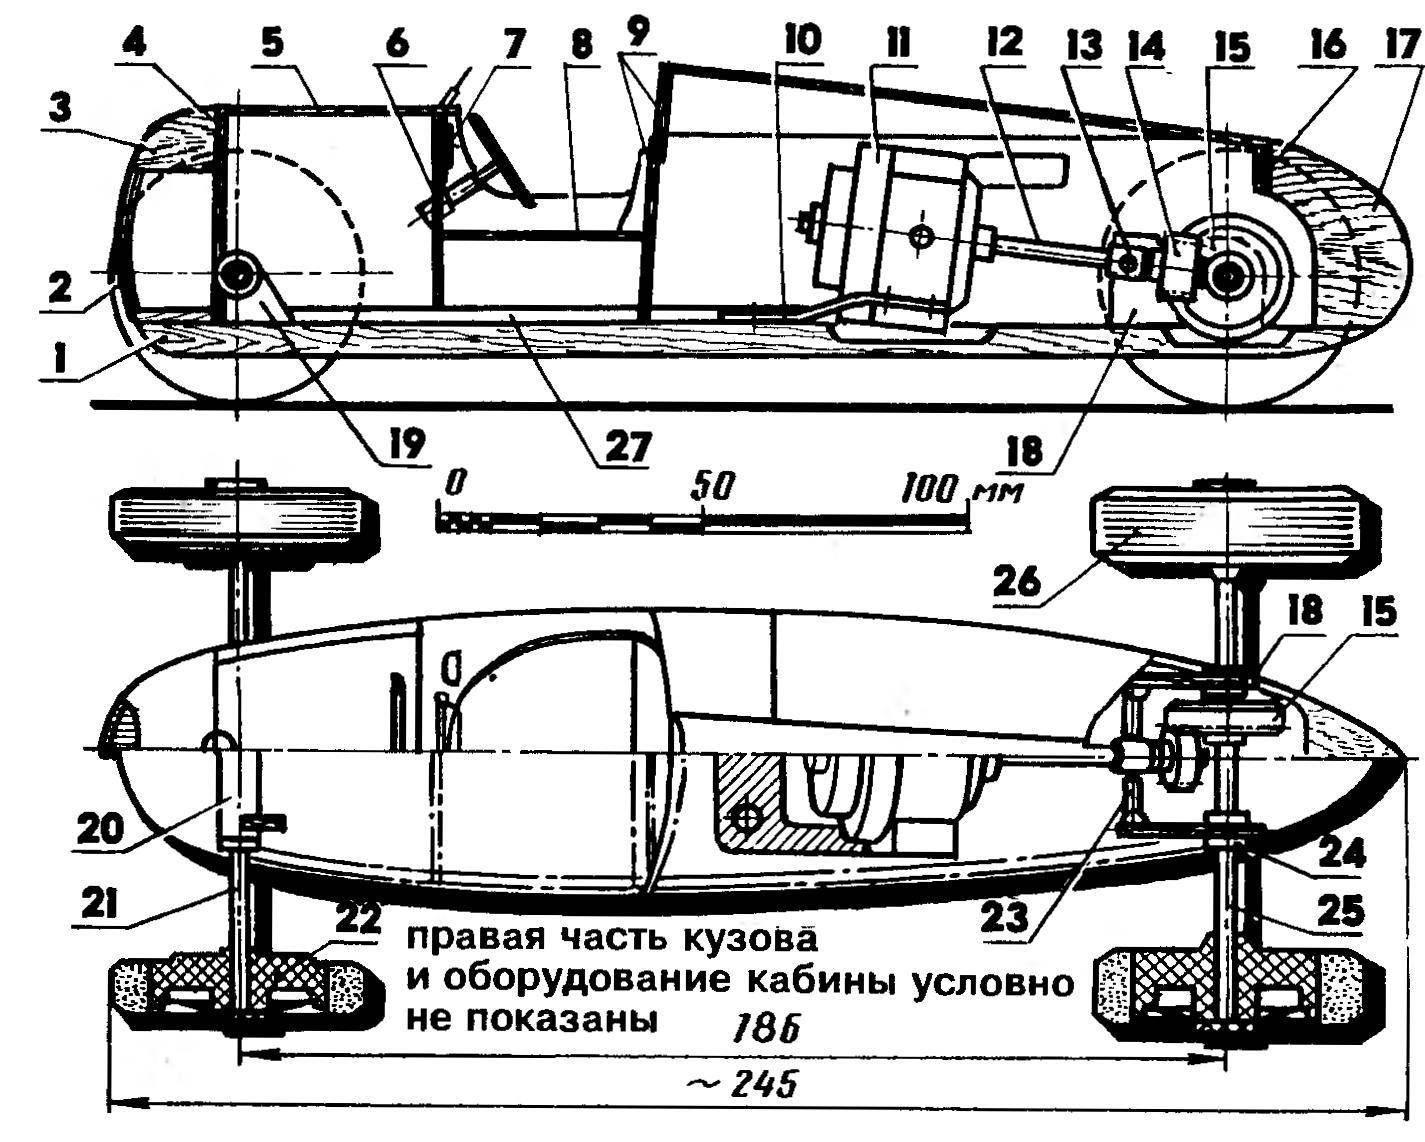 Кордовая модель-копия с электродвигателем и внешним источником питания (кордовая планка выполняется в соответствии с правилами соревнований и имеет штекерный узел токоподвода, не показанный на рисунке)